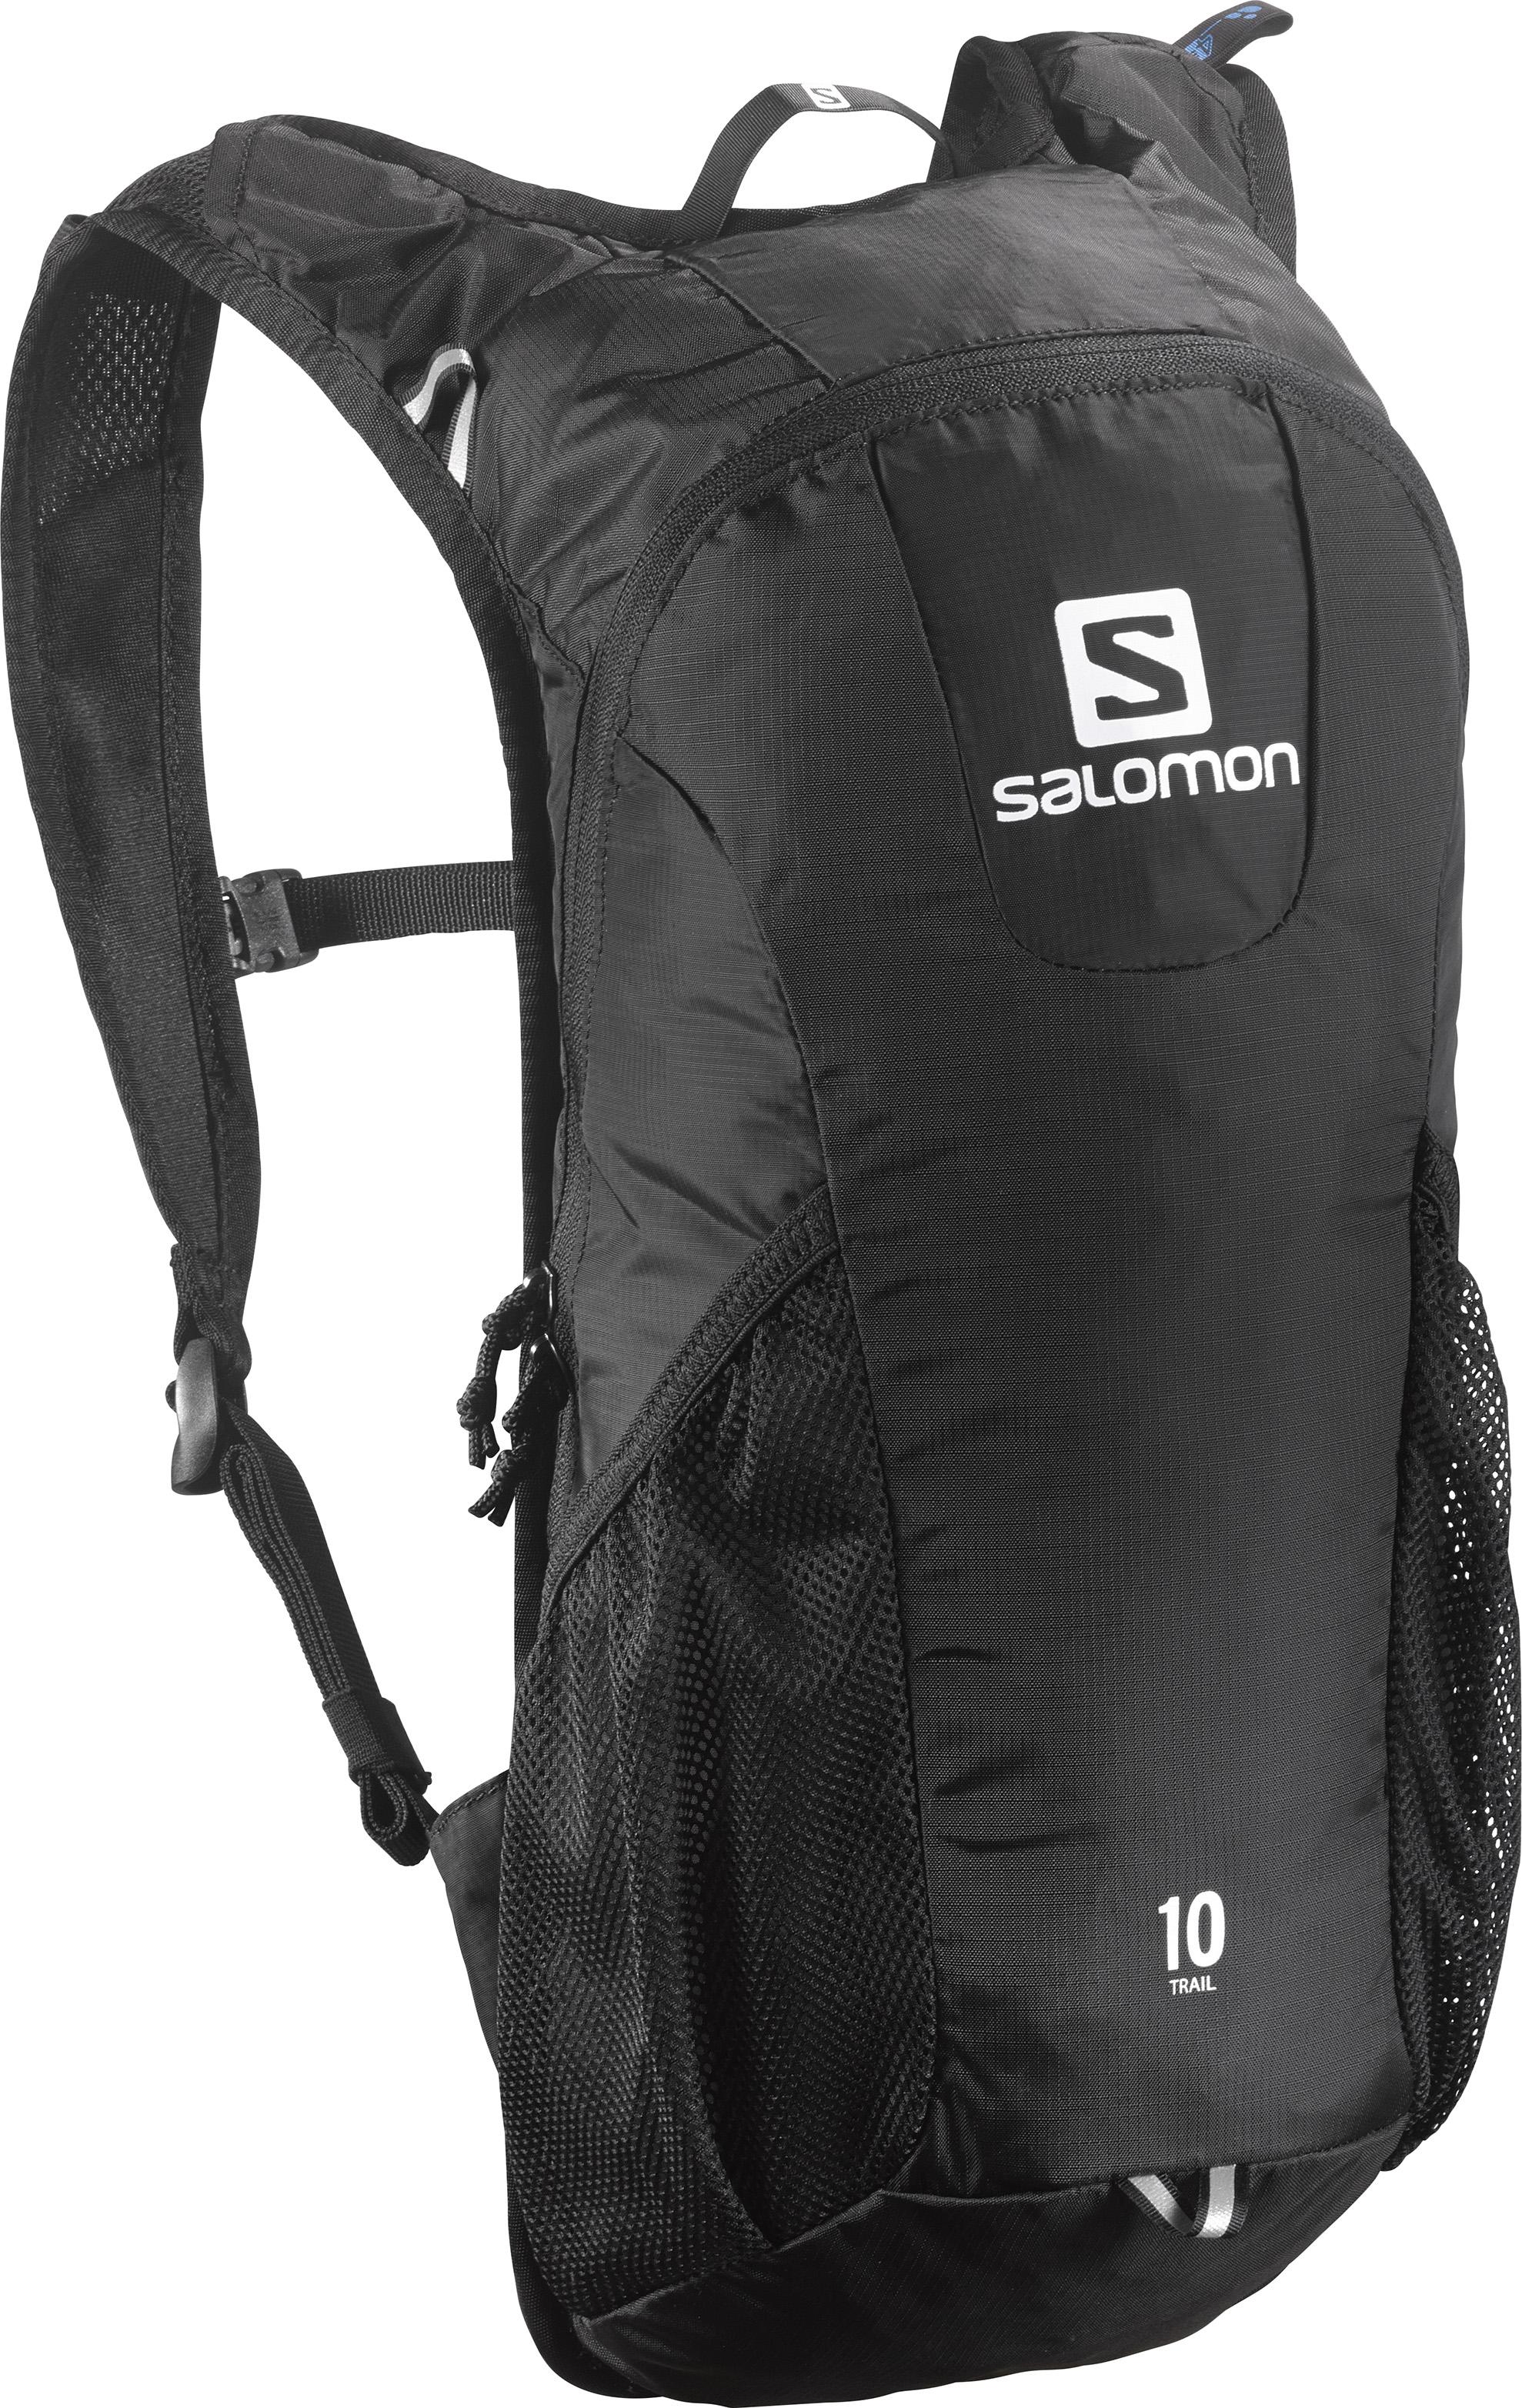 Рюкзак спортивный Salomon Trail 10, цвет: черный. L379976006677204410Рюкзак Salomon Trail 10 выполнен из высококачественного полиамида. Рюкзак имеет одно вместительное отделение и закрывается на застежку-молнию. Рюкзак оснащен мягкими удобными лямками, длина которых регулируется с помощью пряжек. Изделие дополнено удобной ручкой для переноски или подвешивания. На внешней стороне расположены два открытых кармана-сетки. У рюкзака имеется Отделение для гидратора с системой фиксации, система дополнительной подвески и светоотражающие элементы. Полюбившийся бегунам рюкзак Trail 10 получил новый обтекаемый силуэт. Сбалансированное распределение нагрузки, простота в использовании, быстрый доступ в основное отделение, удобные набедренные карманы. Идеально подходит для забегов на средние дистанции и однодневных походов по любым маршрутам.